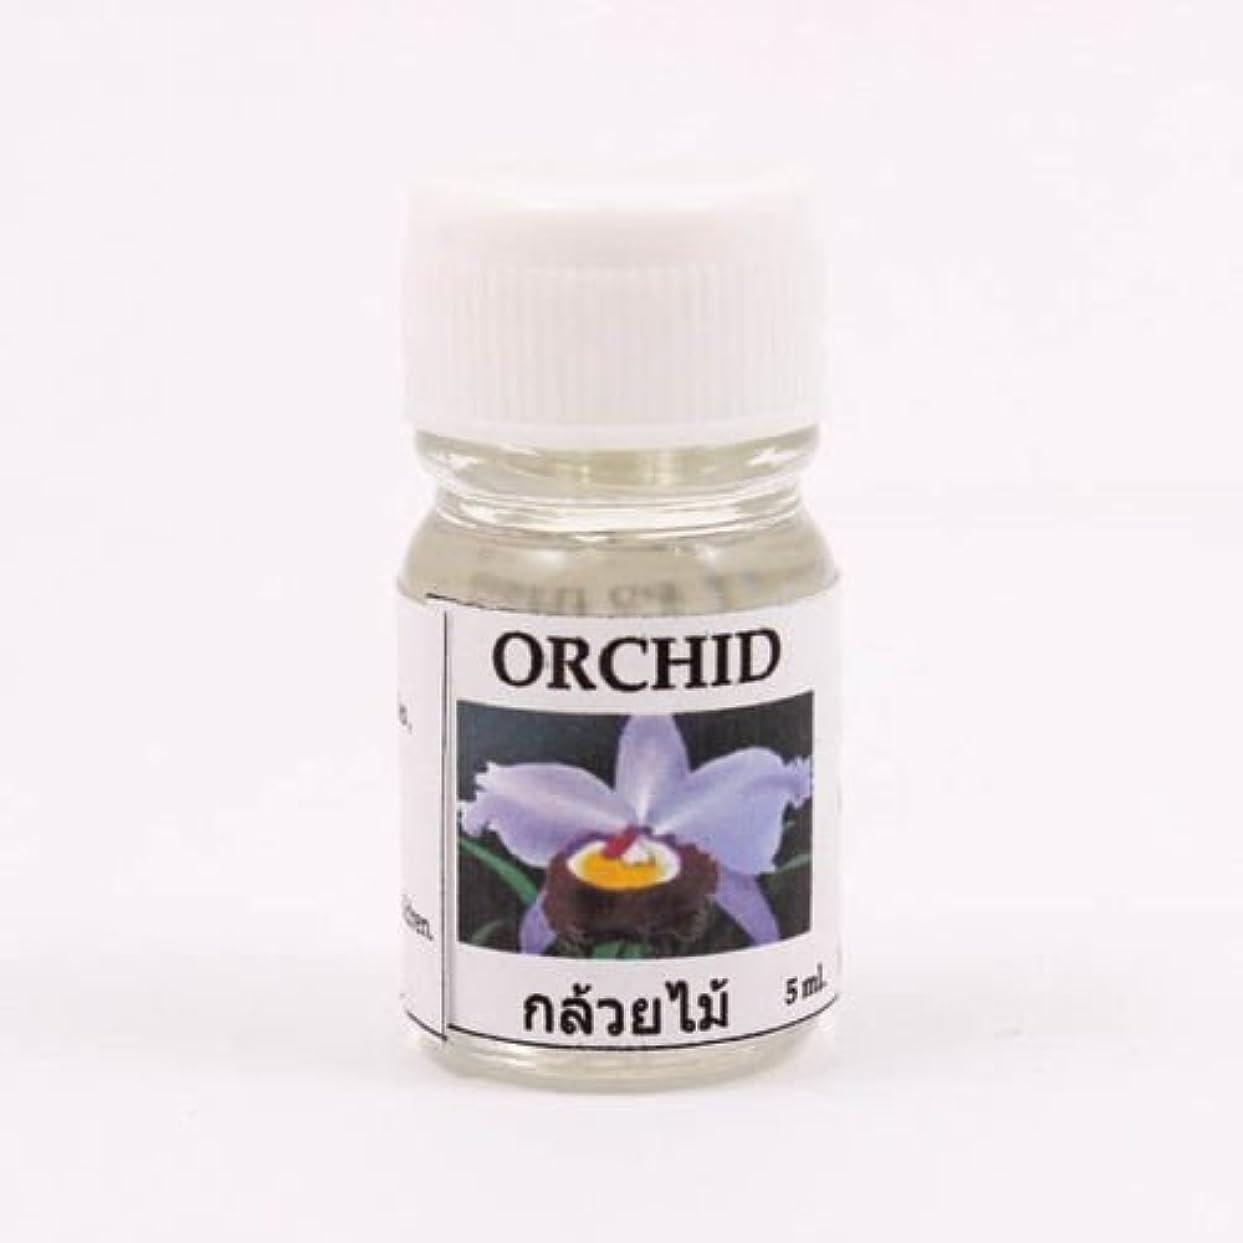 意見いつか大量6X Orchid Aroma Fragrance Essential Oil 5ML. (cc) Diffuser Burner Therapy